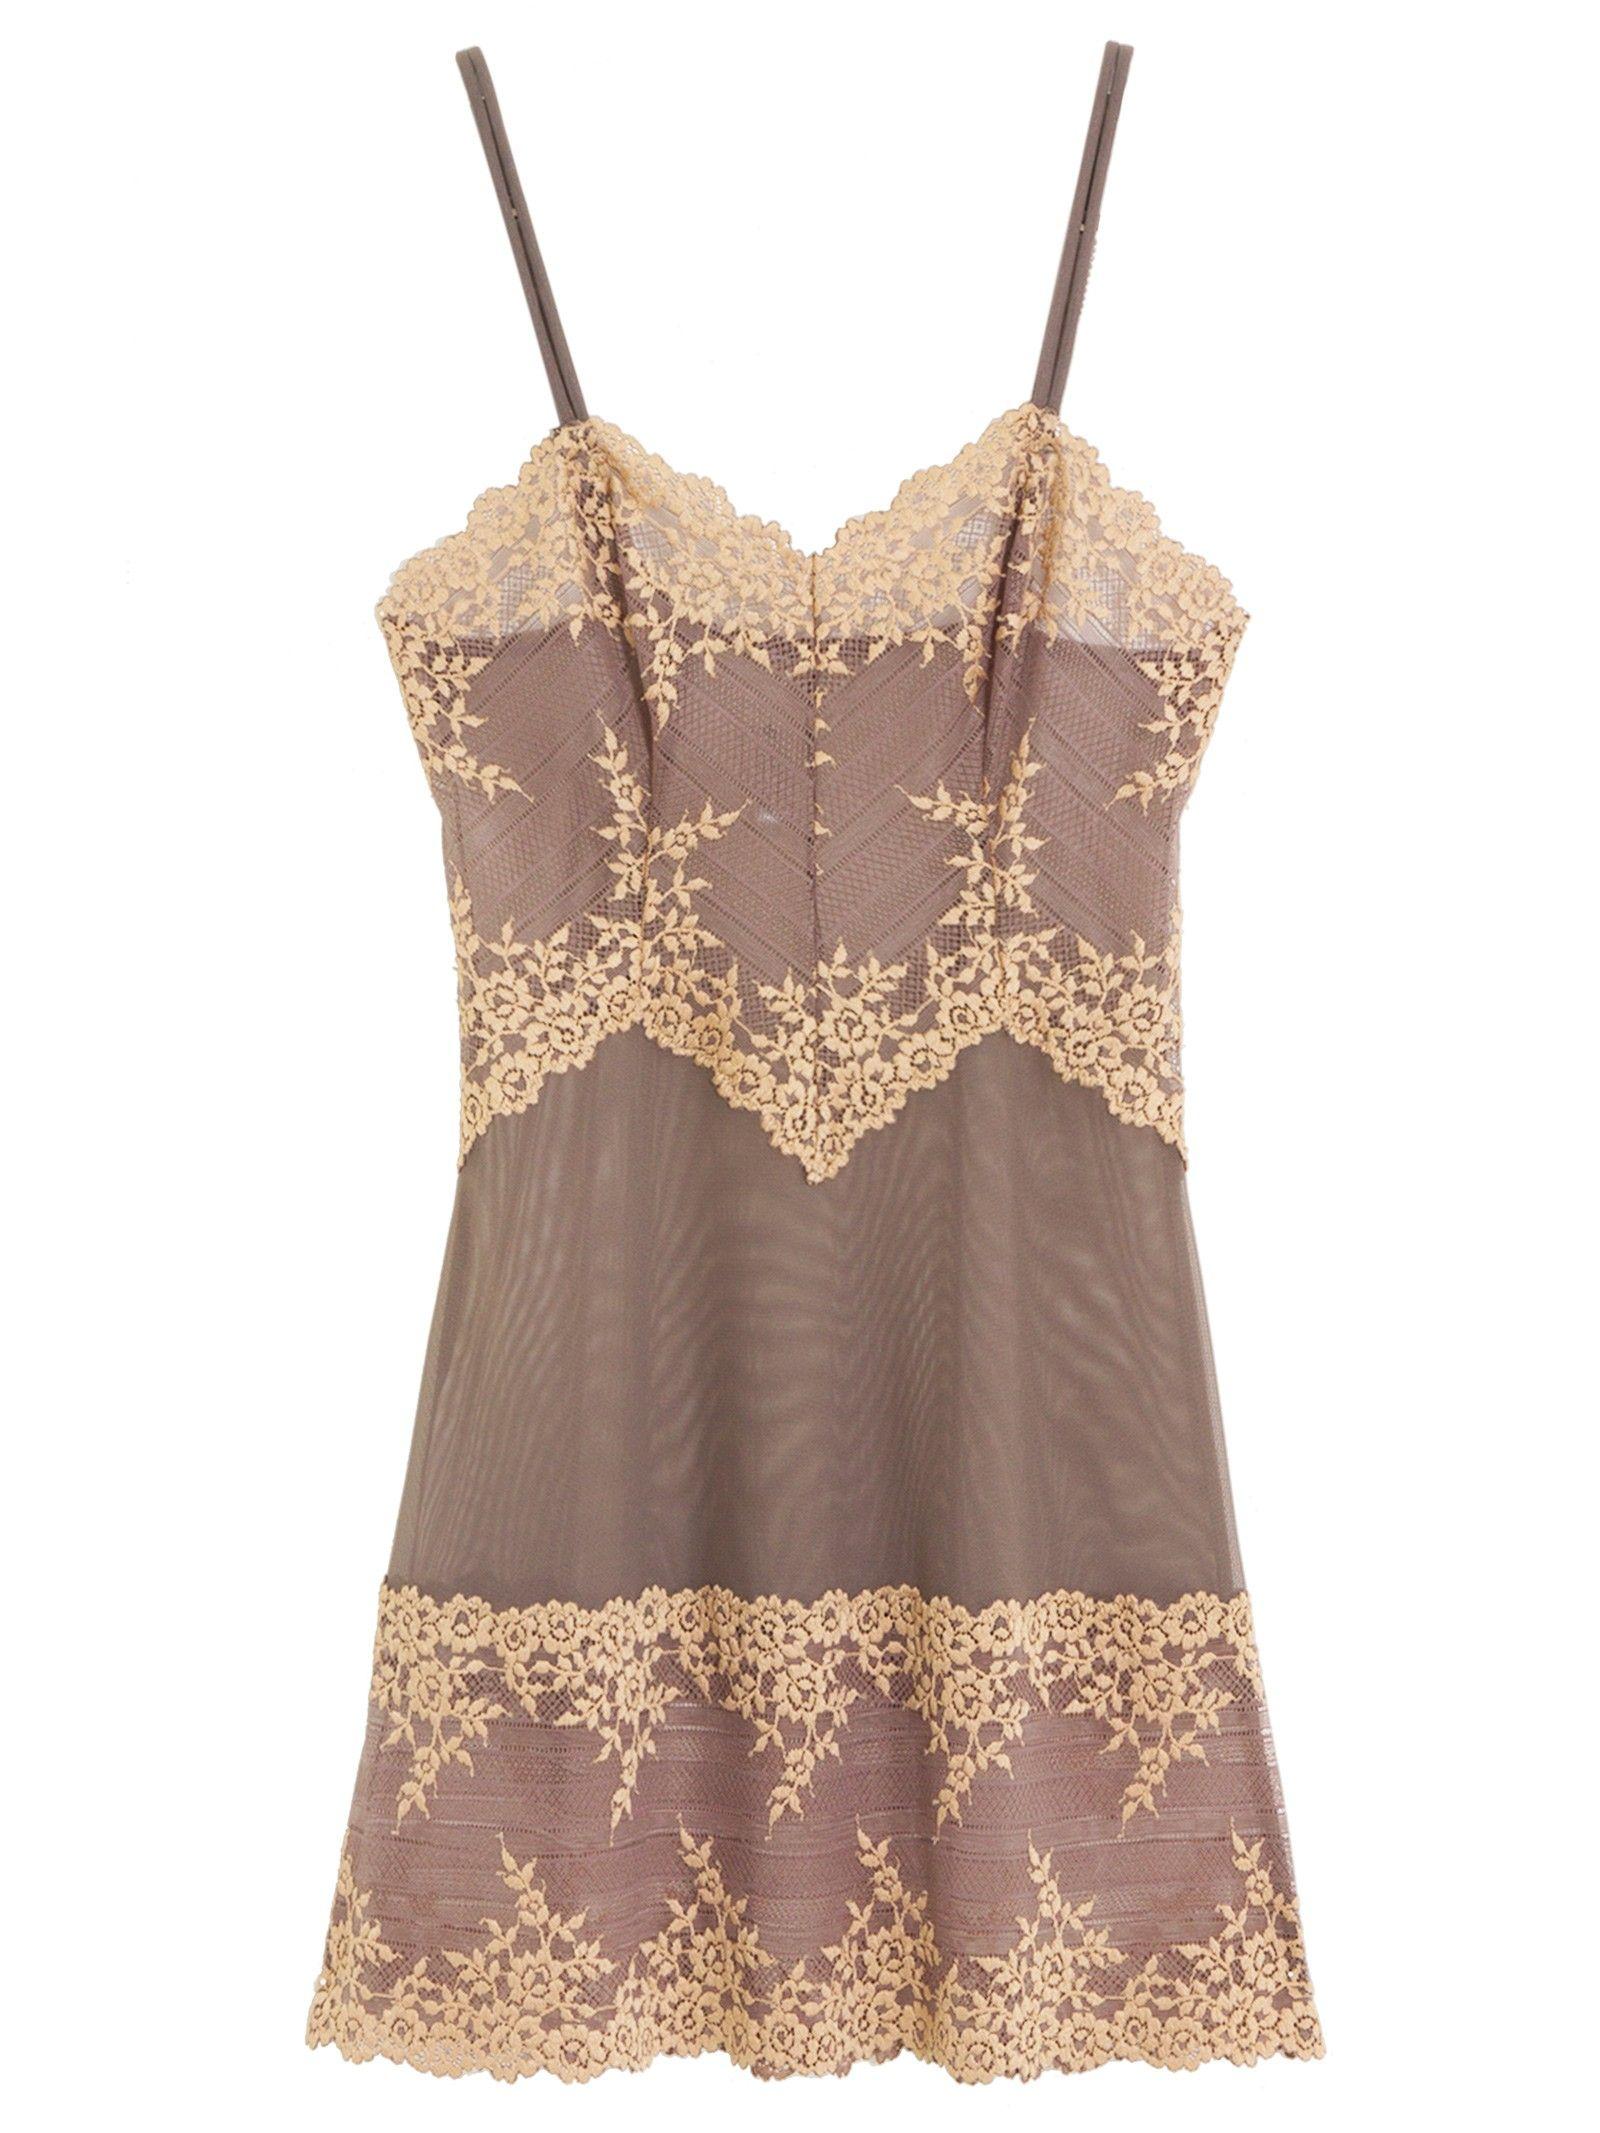 7d32d14c9 Camisola Embrace Lace - Wacoal Loungerie Loja